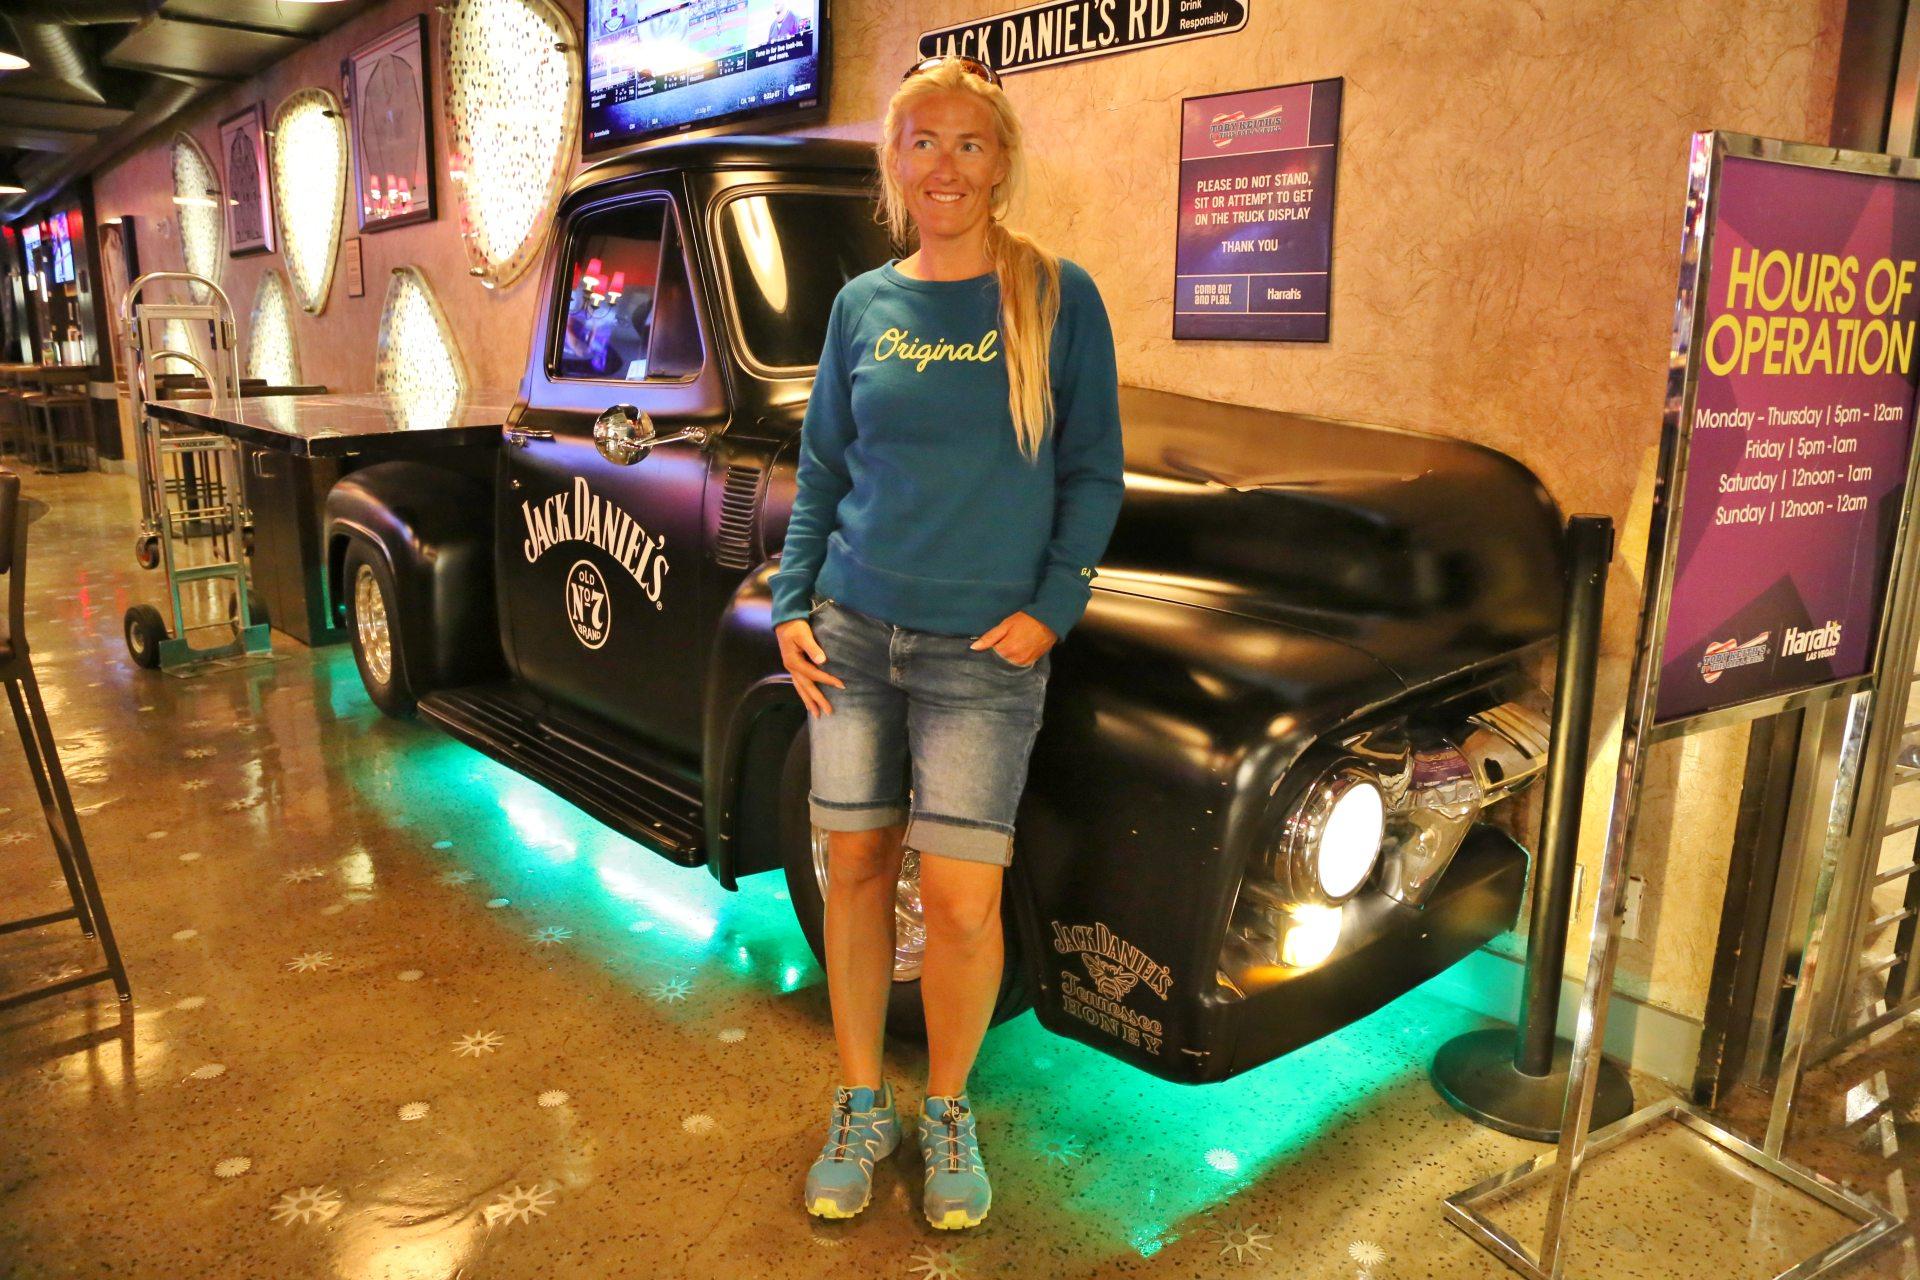 Vor dem Burgervöllern hat man noch gut lachen! - Auto, Blondine, Fahrzeug, Jack Daniels, Las Vegas, Nevada, Person, Pickup, Pickup Truck, Toby Keiths Bar & Grill - HOFBAUER-HOFMANN Sofia - (Bracken, Las Vegas, Nevada, Vereinigte Staaten)